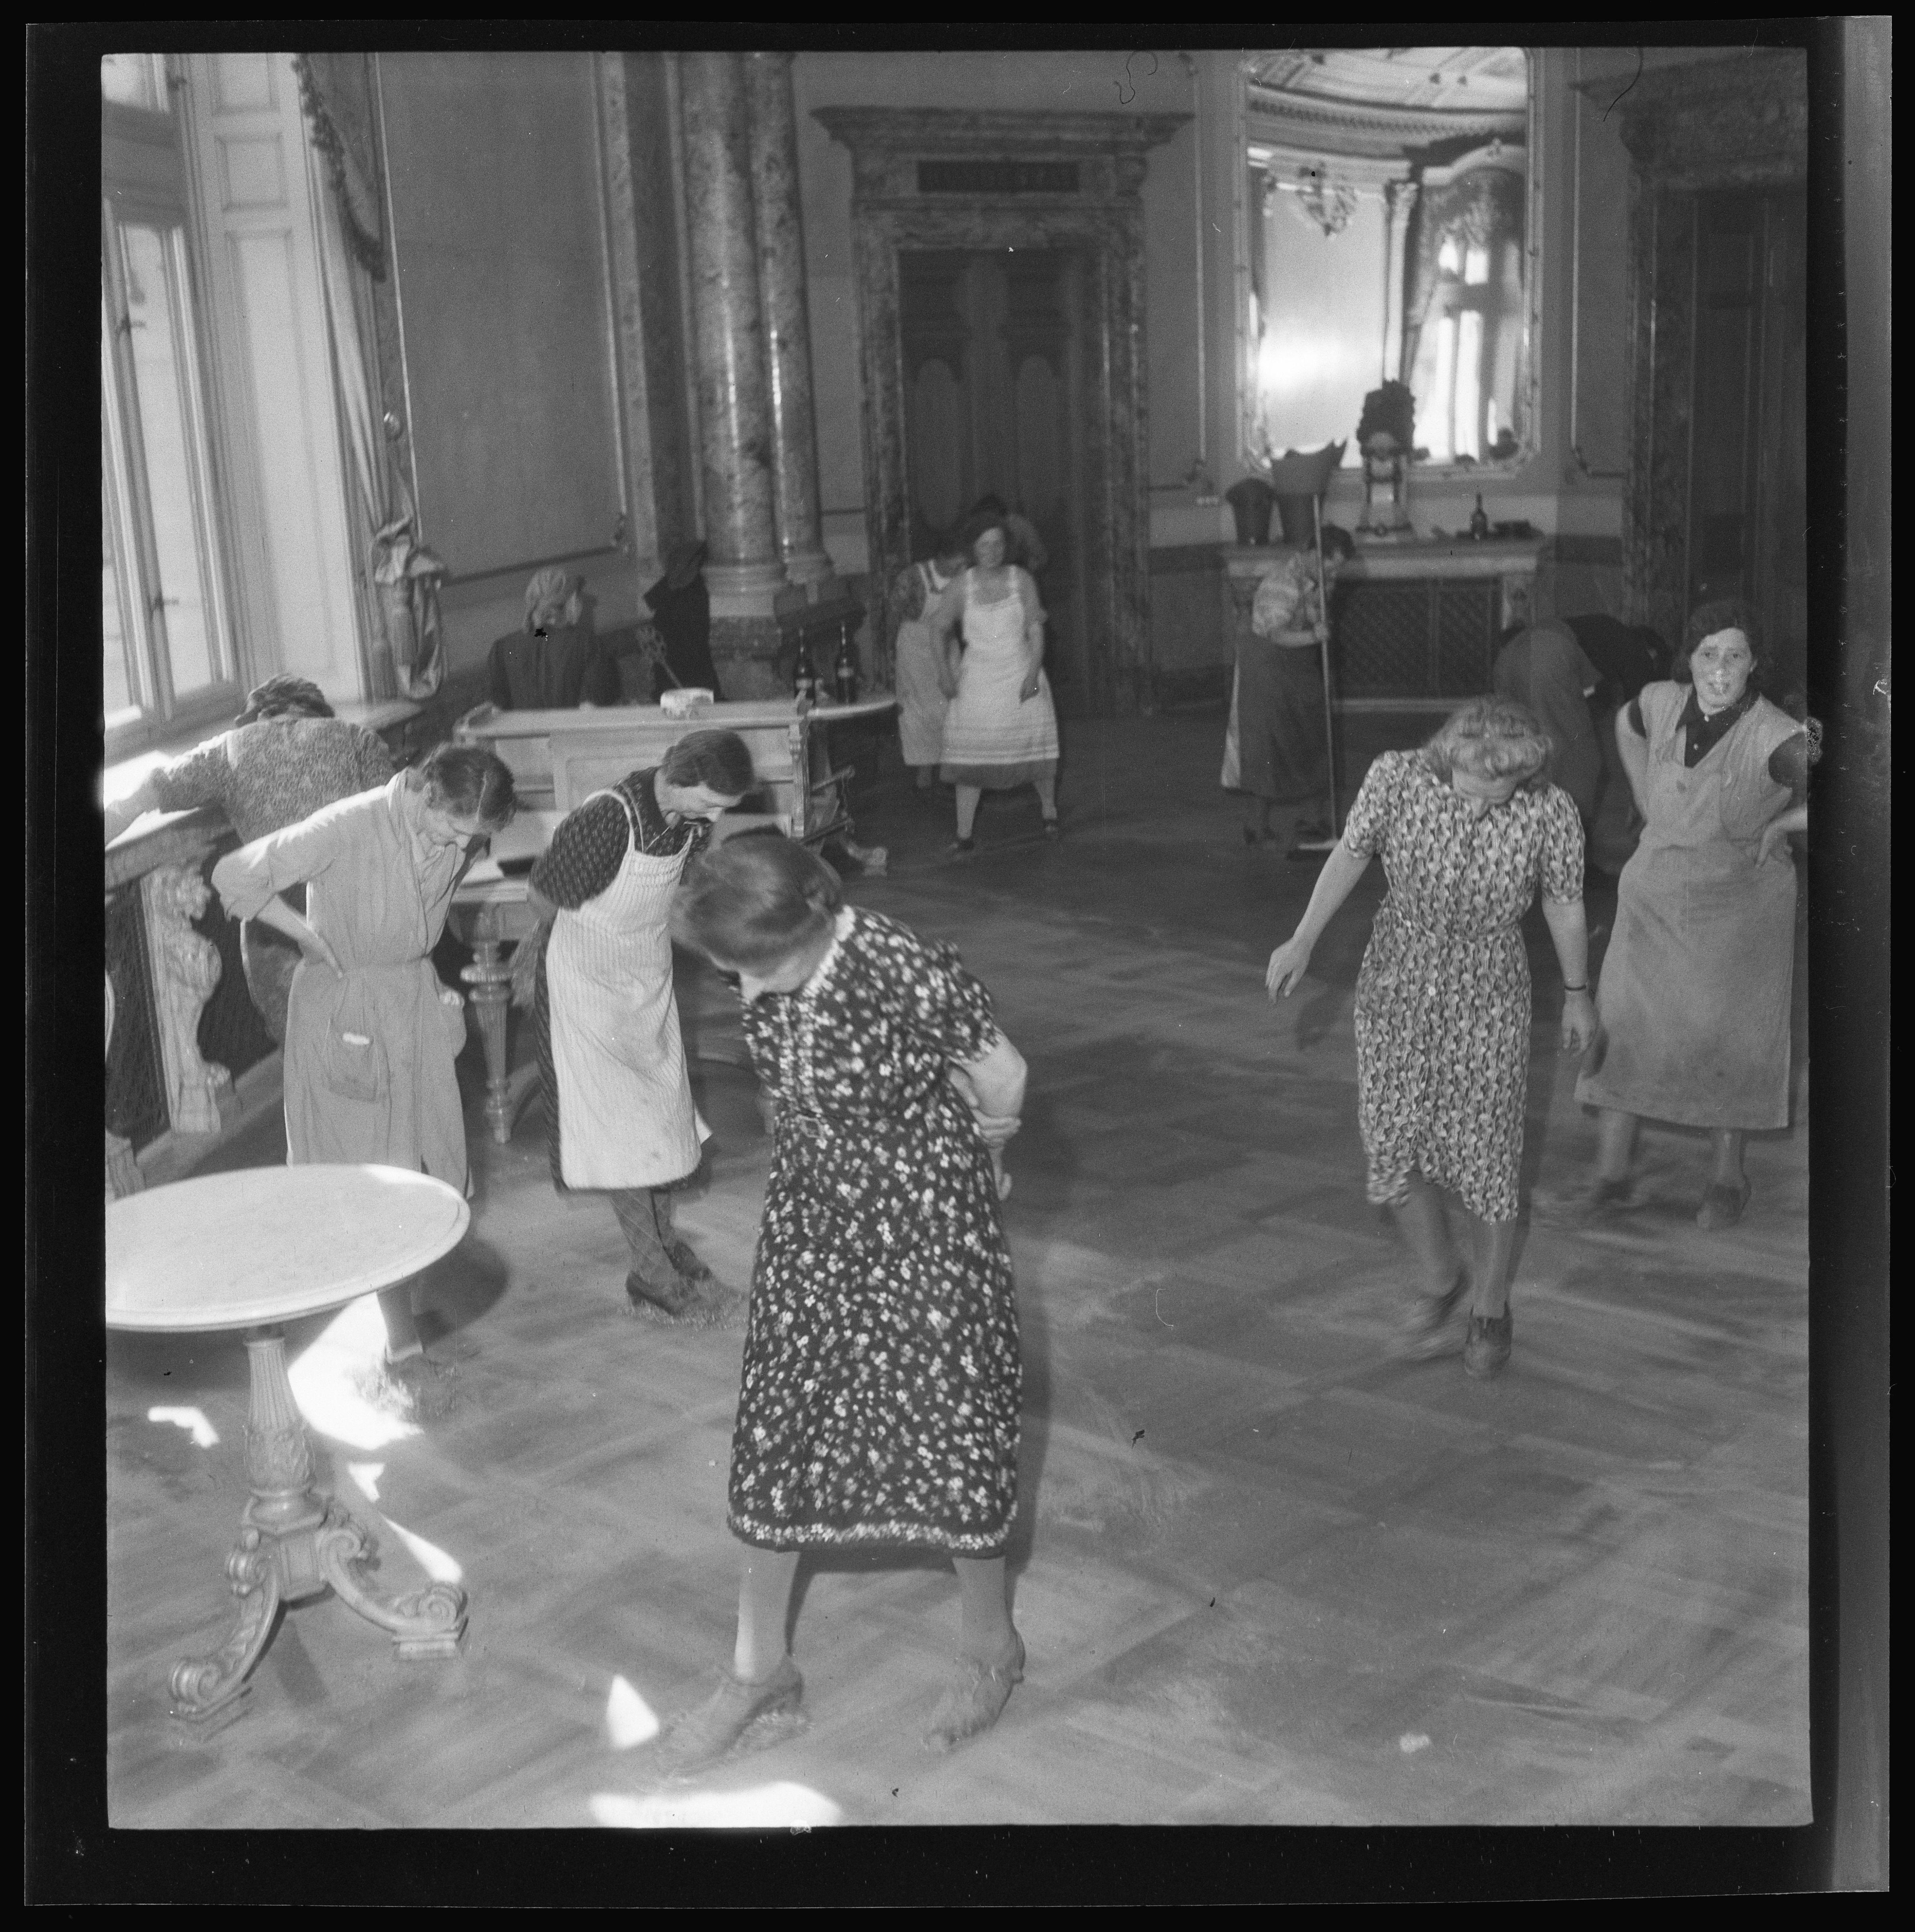 Boden polieren während der Frühjahrsreinigung im Bundeshaus, 24. Mai 1944. N Eugen Thierstein